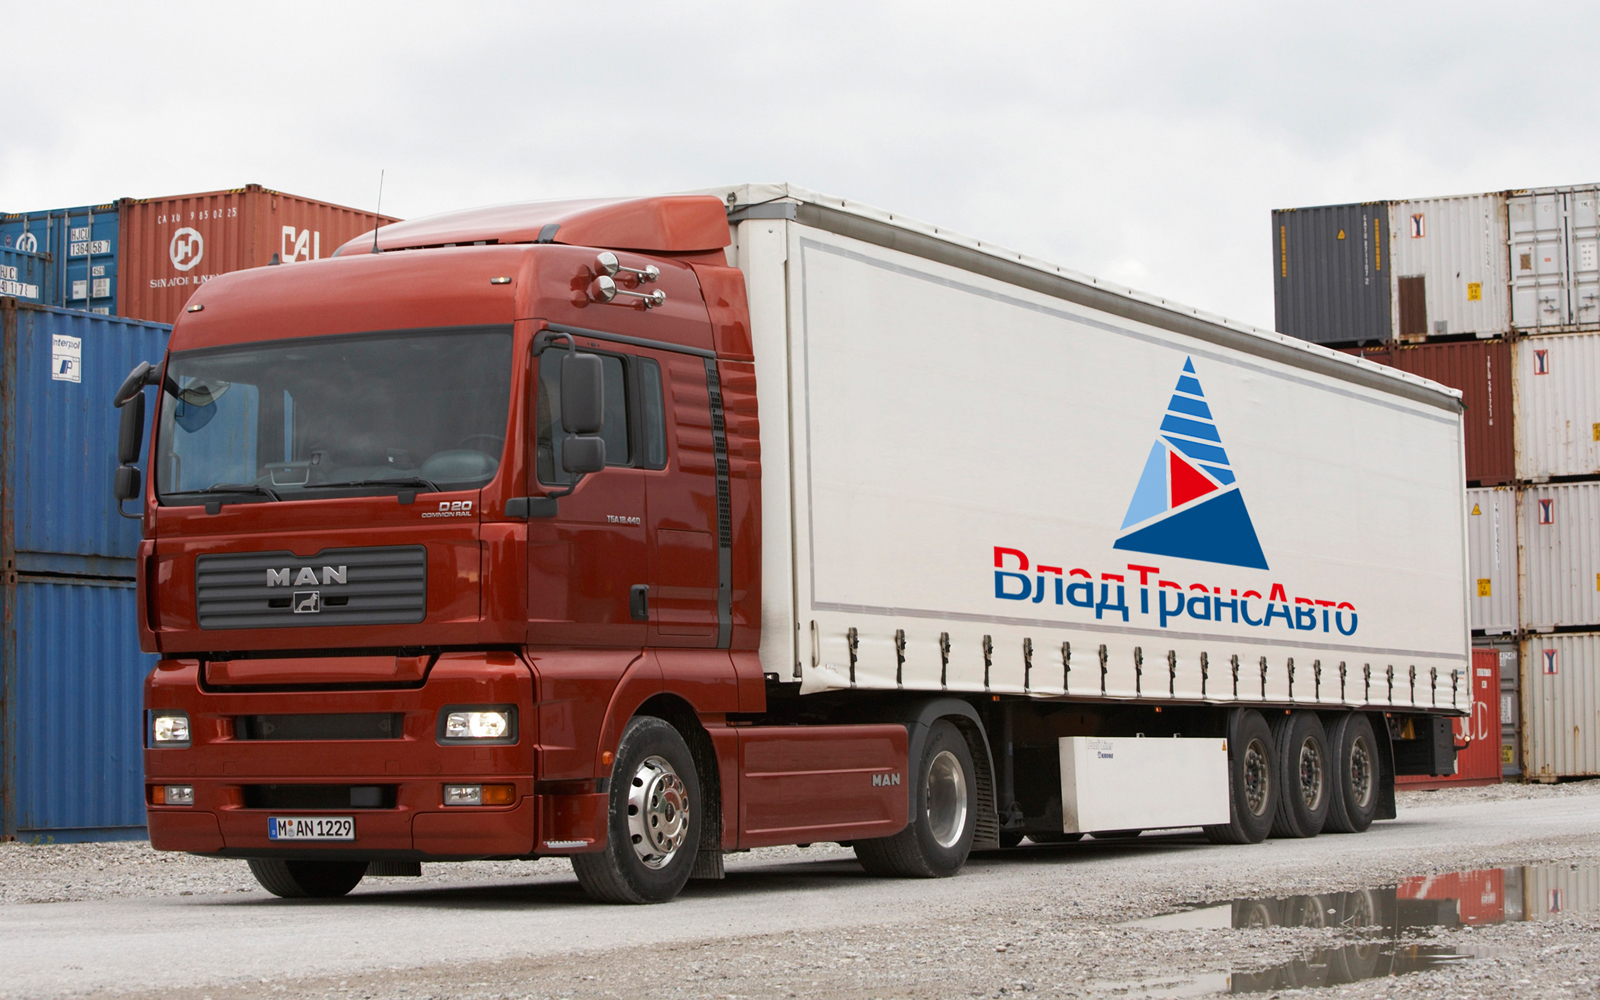 Логотип и фирменный стиль для транспортной компании Владтрансавто фото f_0515cf10203a76cf.jpg